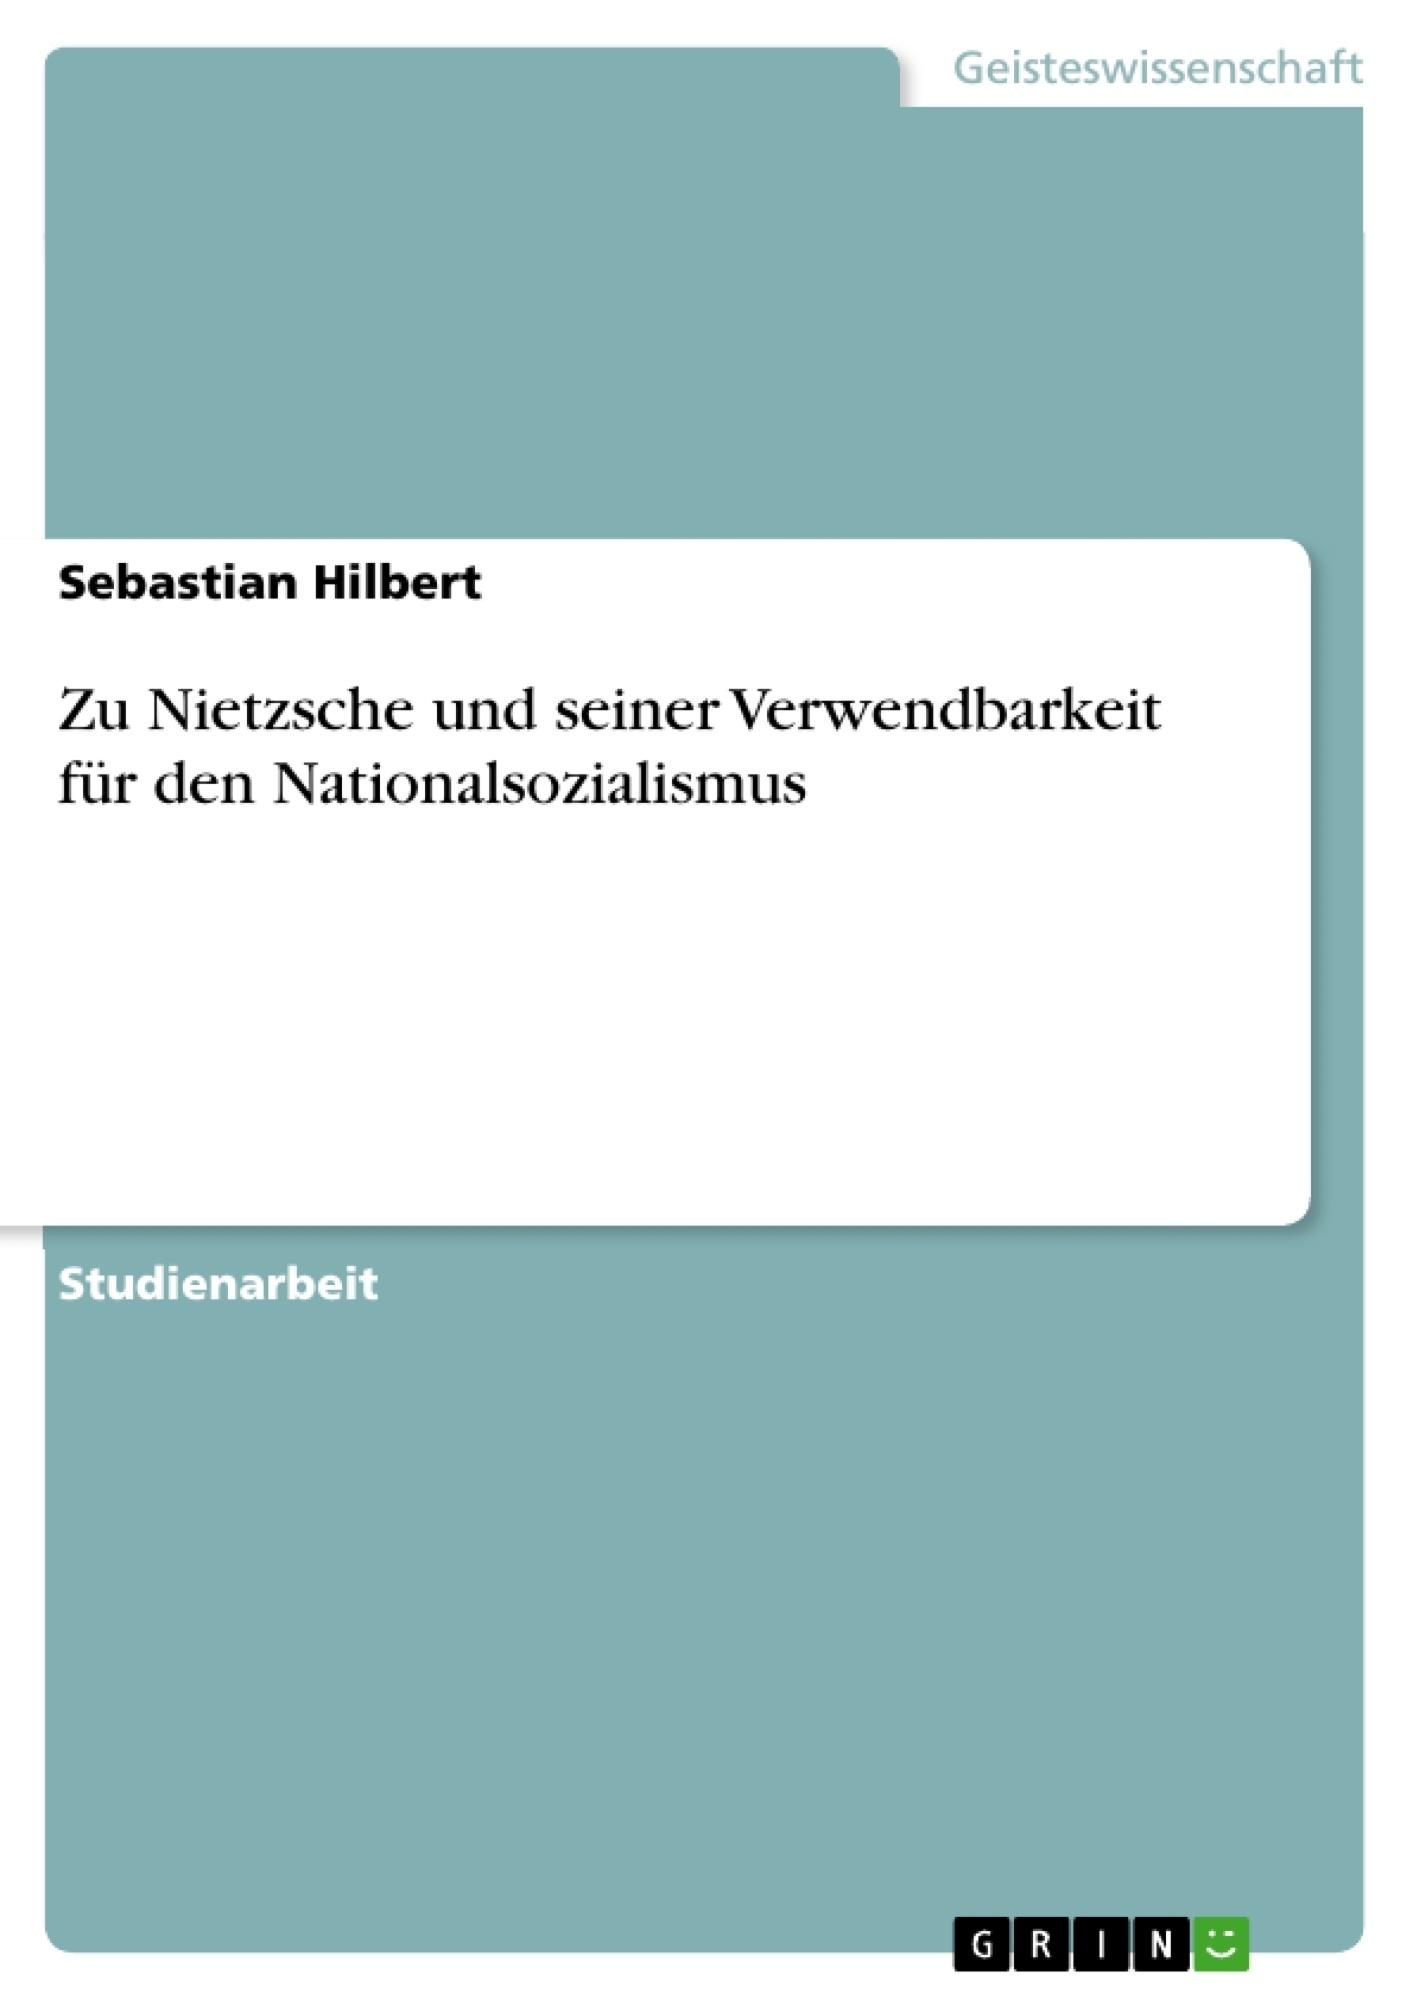 Titel: Zu  Nietzsche und seiner Verwendbarkeit für den Nationalsozialismus